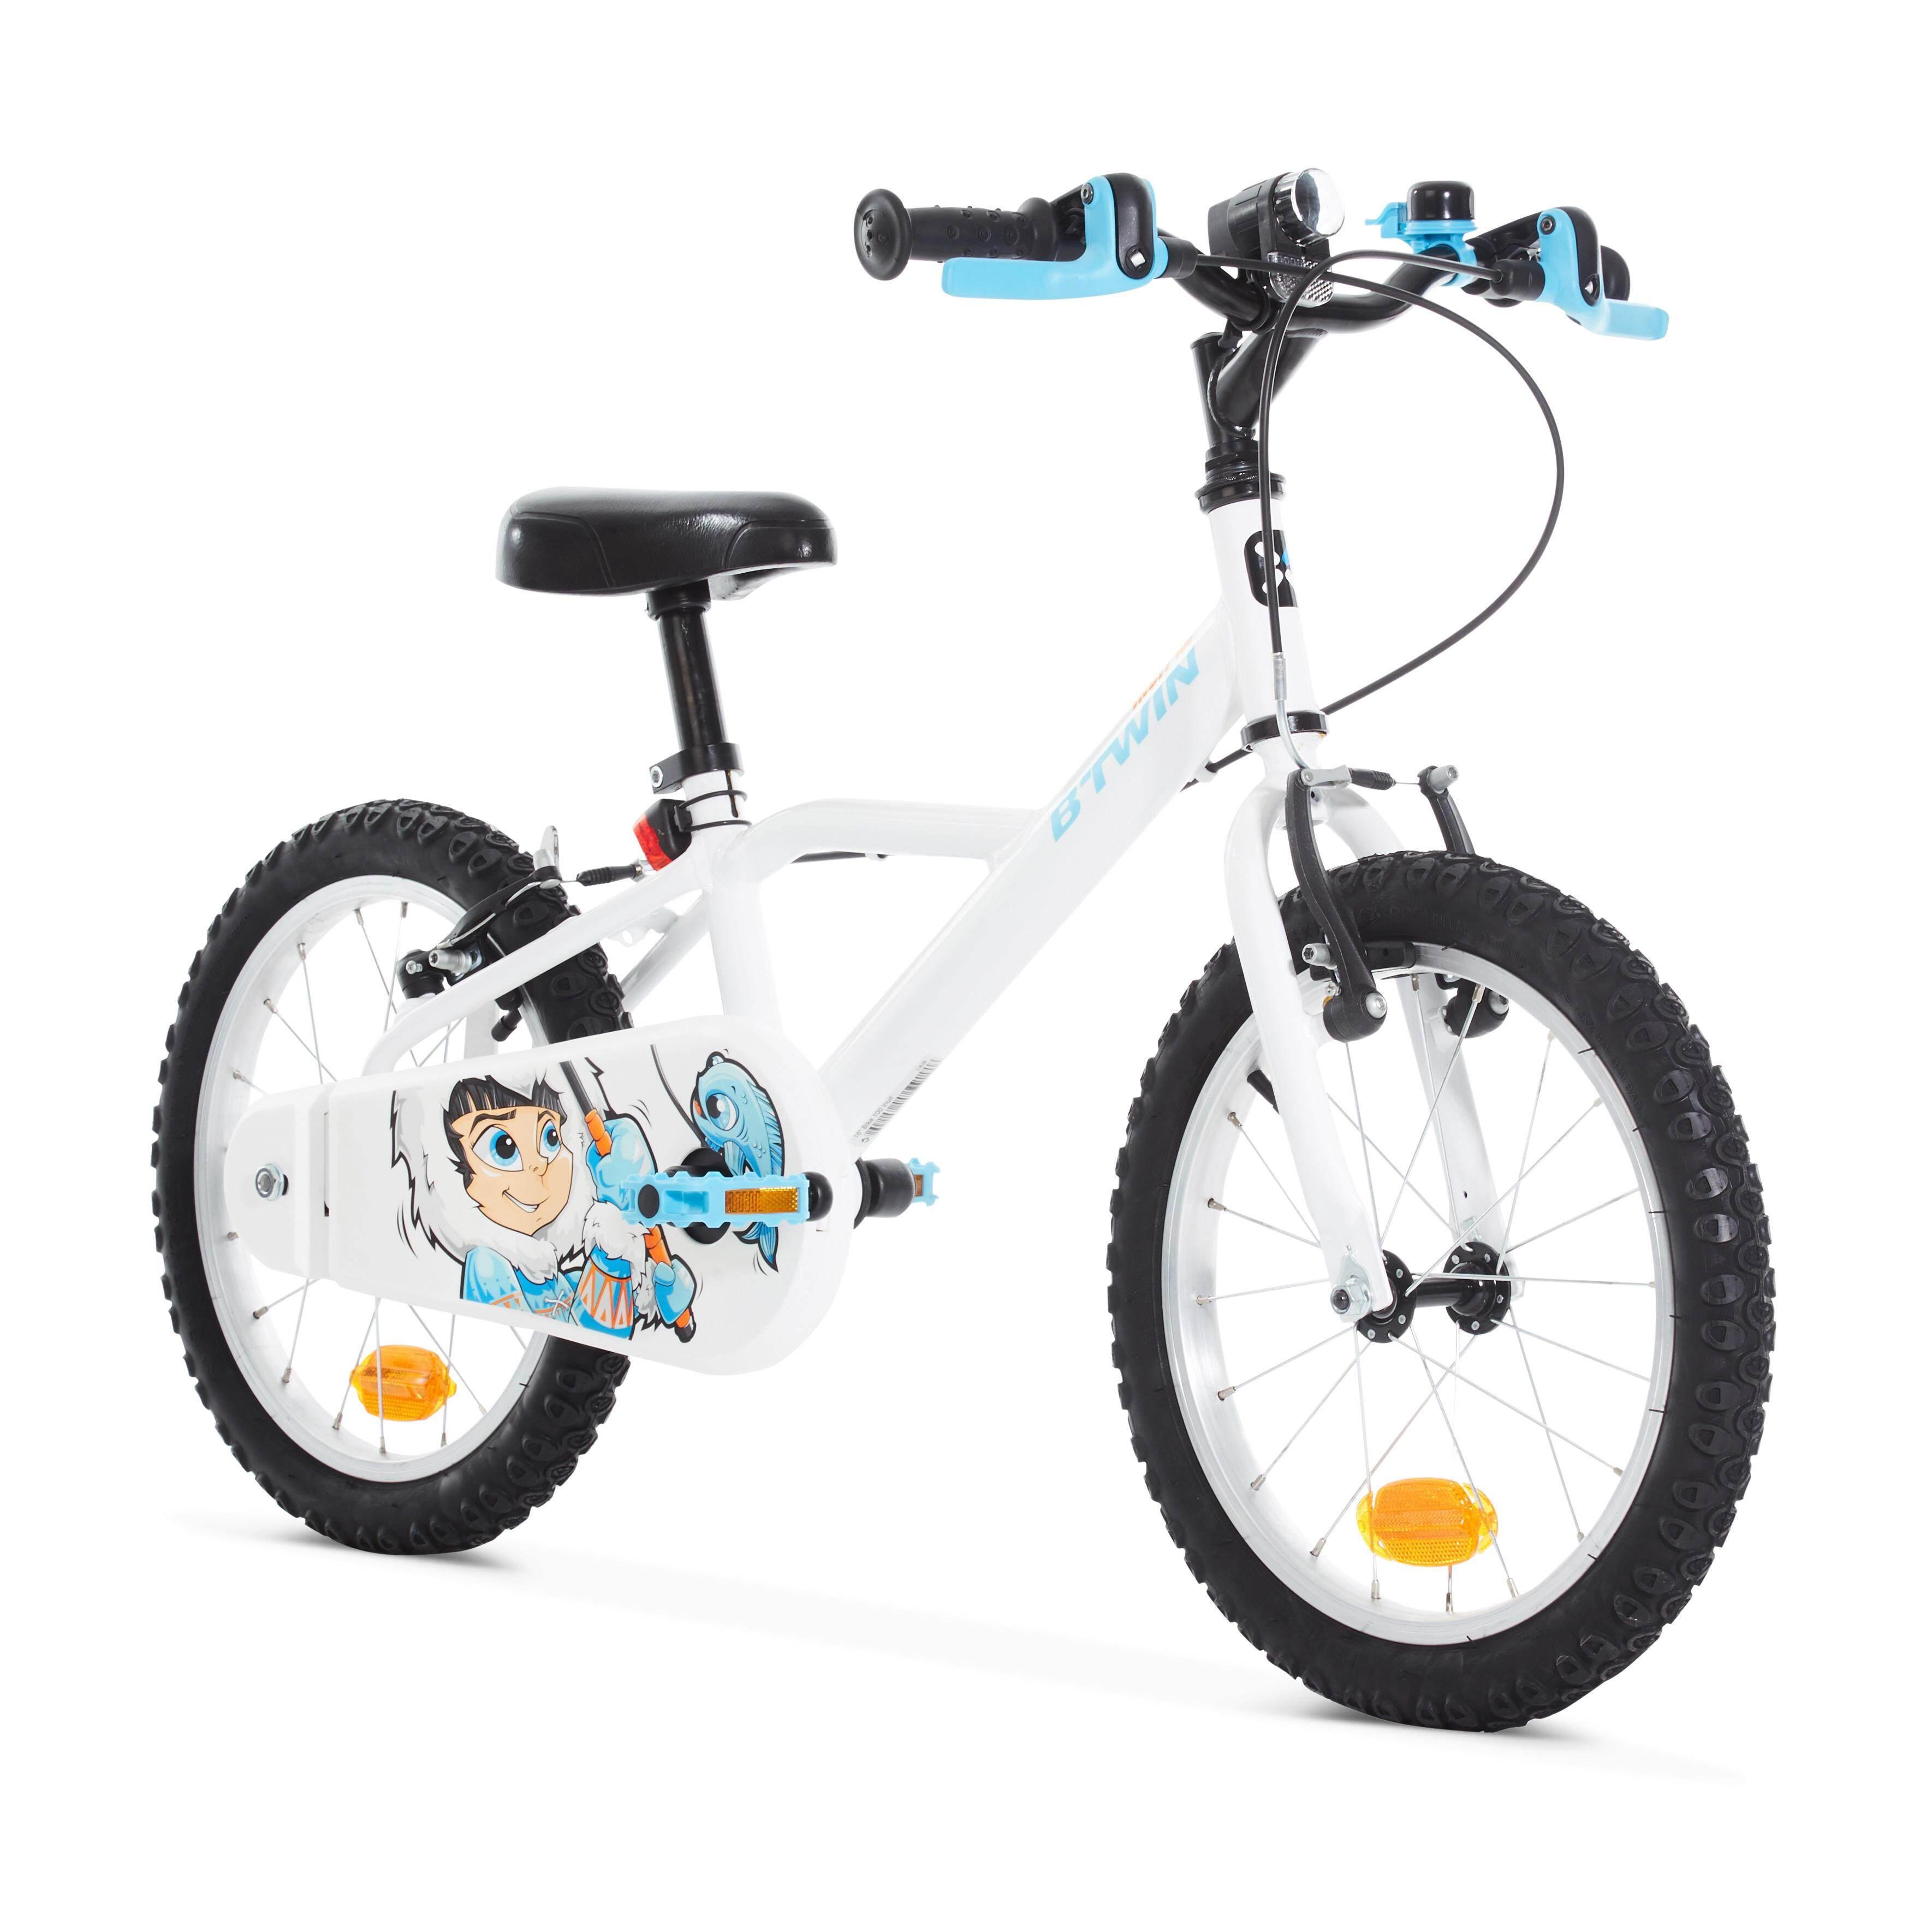 [ถูกไม่เกรงใจฝน!!!] จักรยานรุ่น 100 สำหรับเด็ก 4-6 ขวบ สำหรับ จักรยานไฮบริดและทัวว์ริ่ง